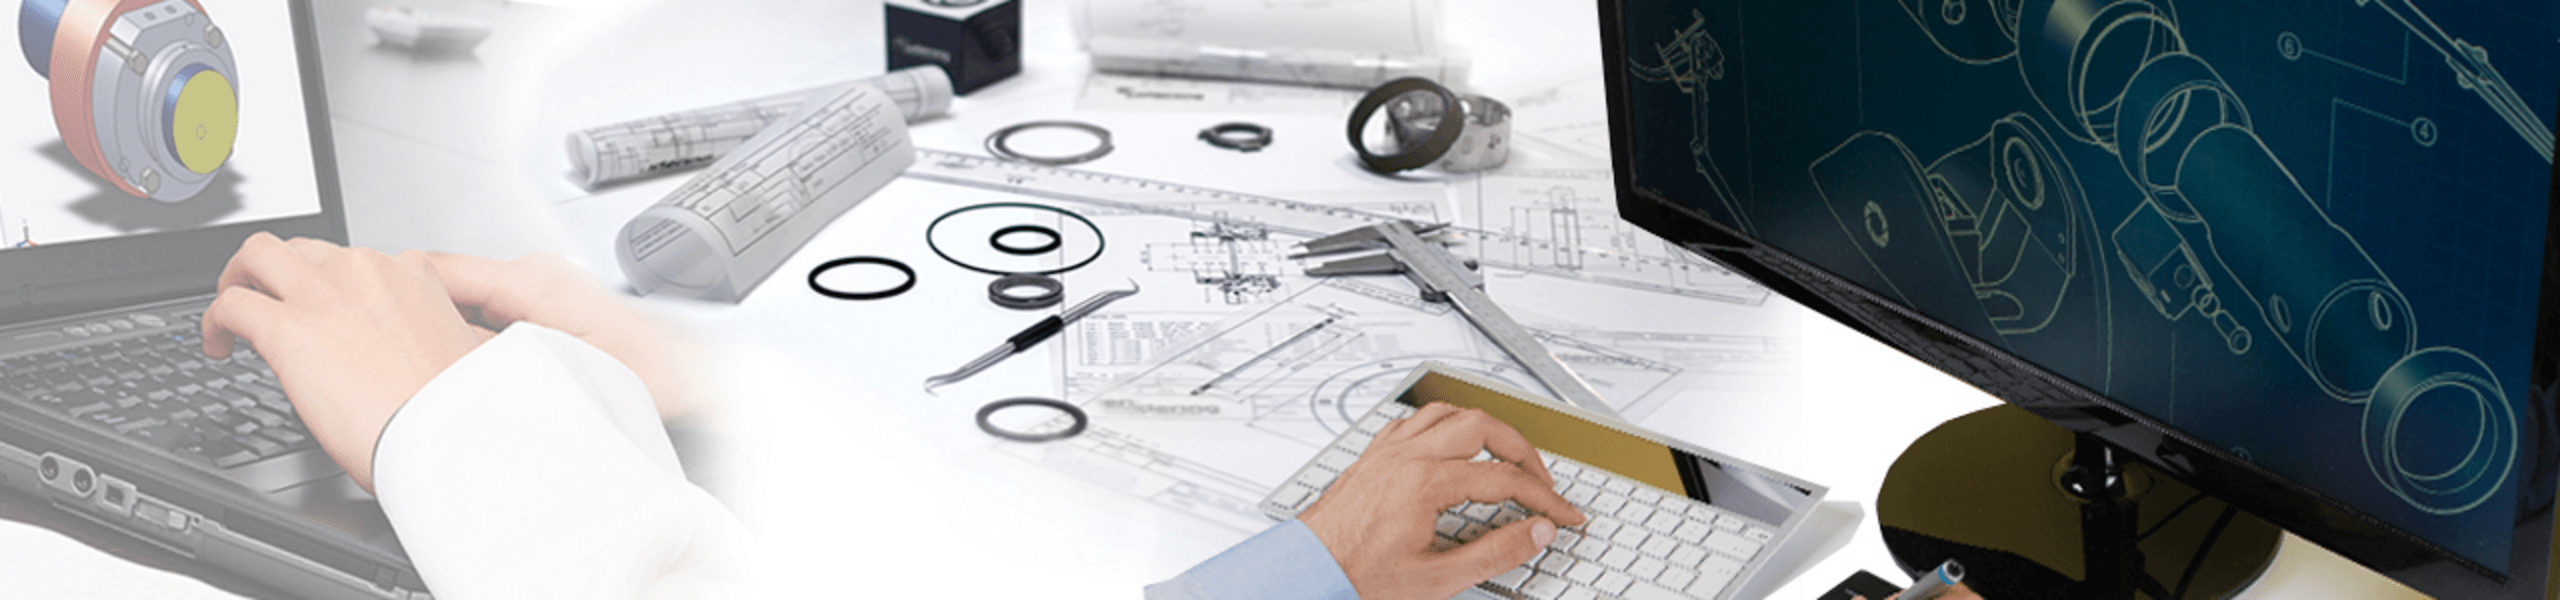 servicios de ingeniería